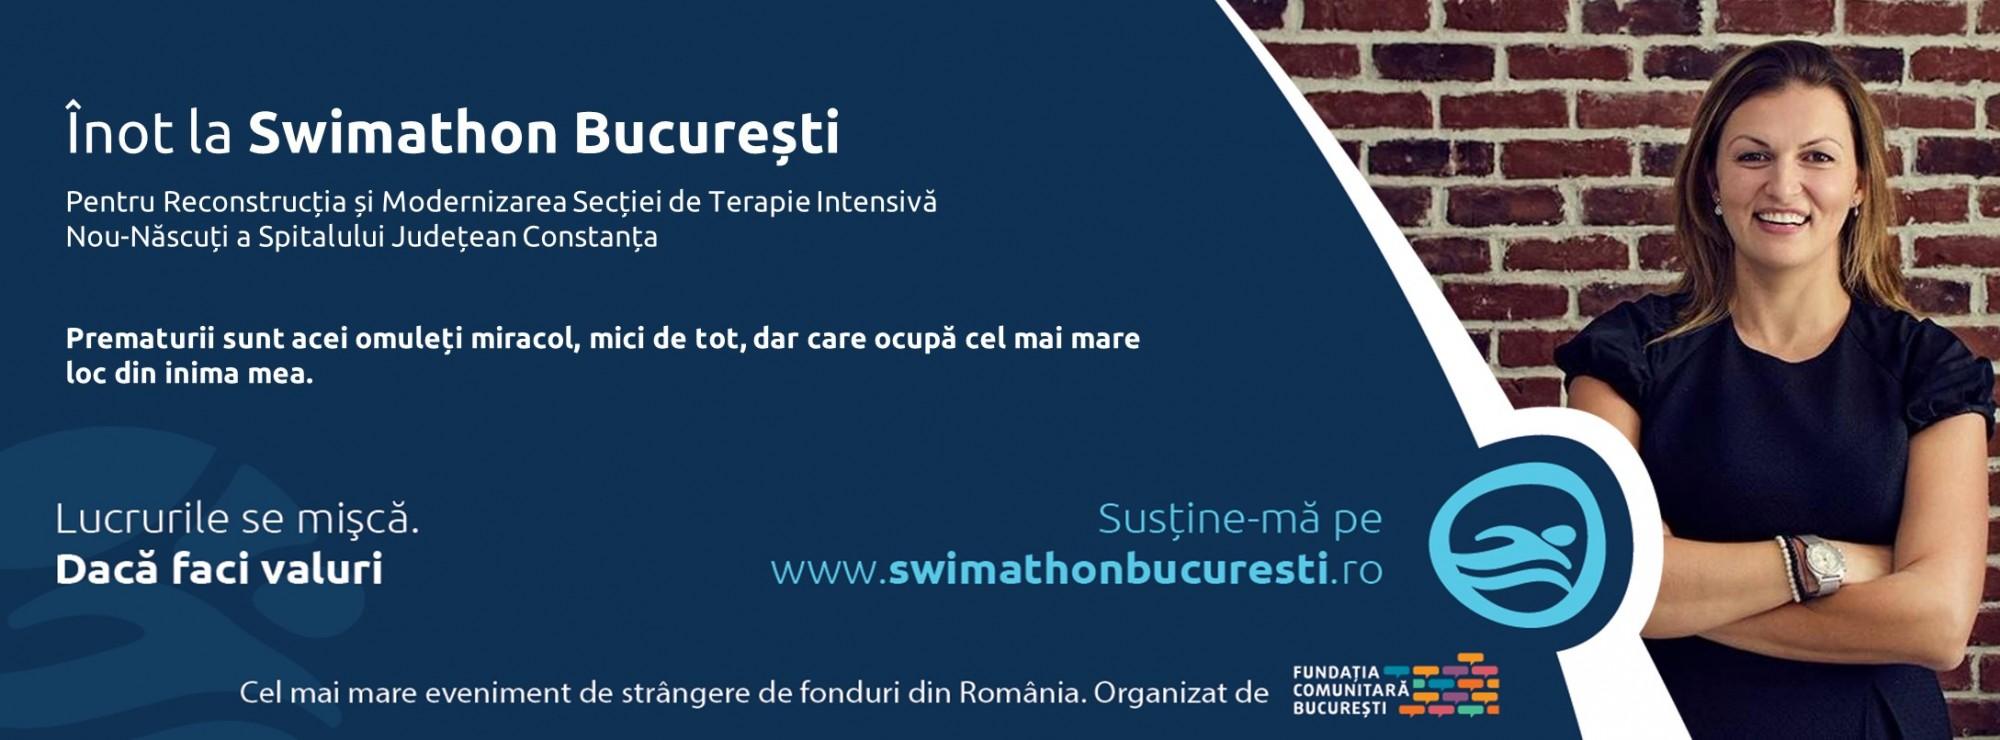 Alina înoată la Swimathon București: Valuri de fapte bune